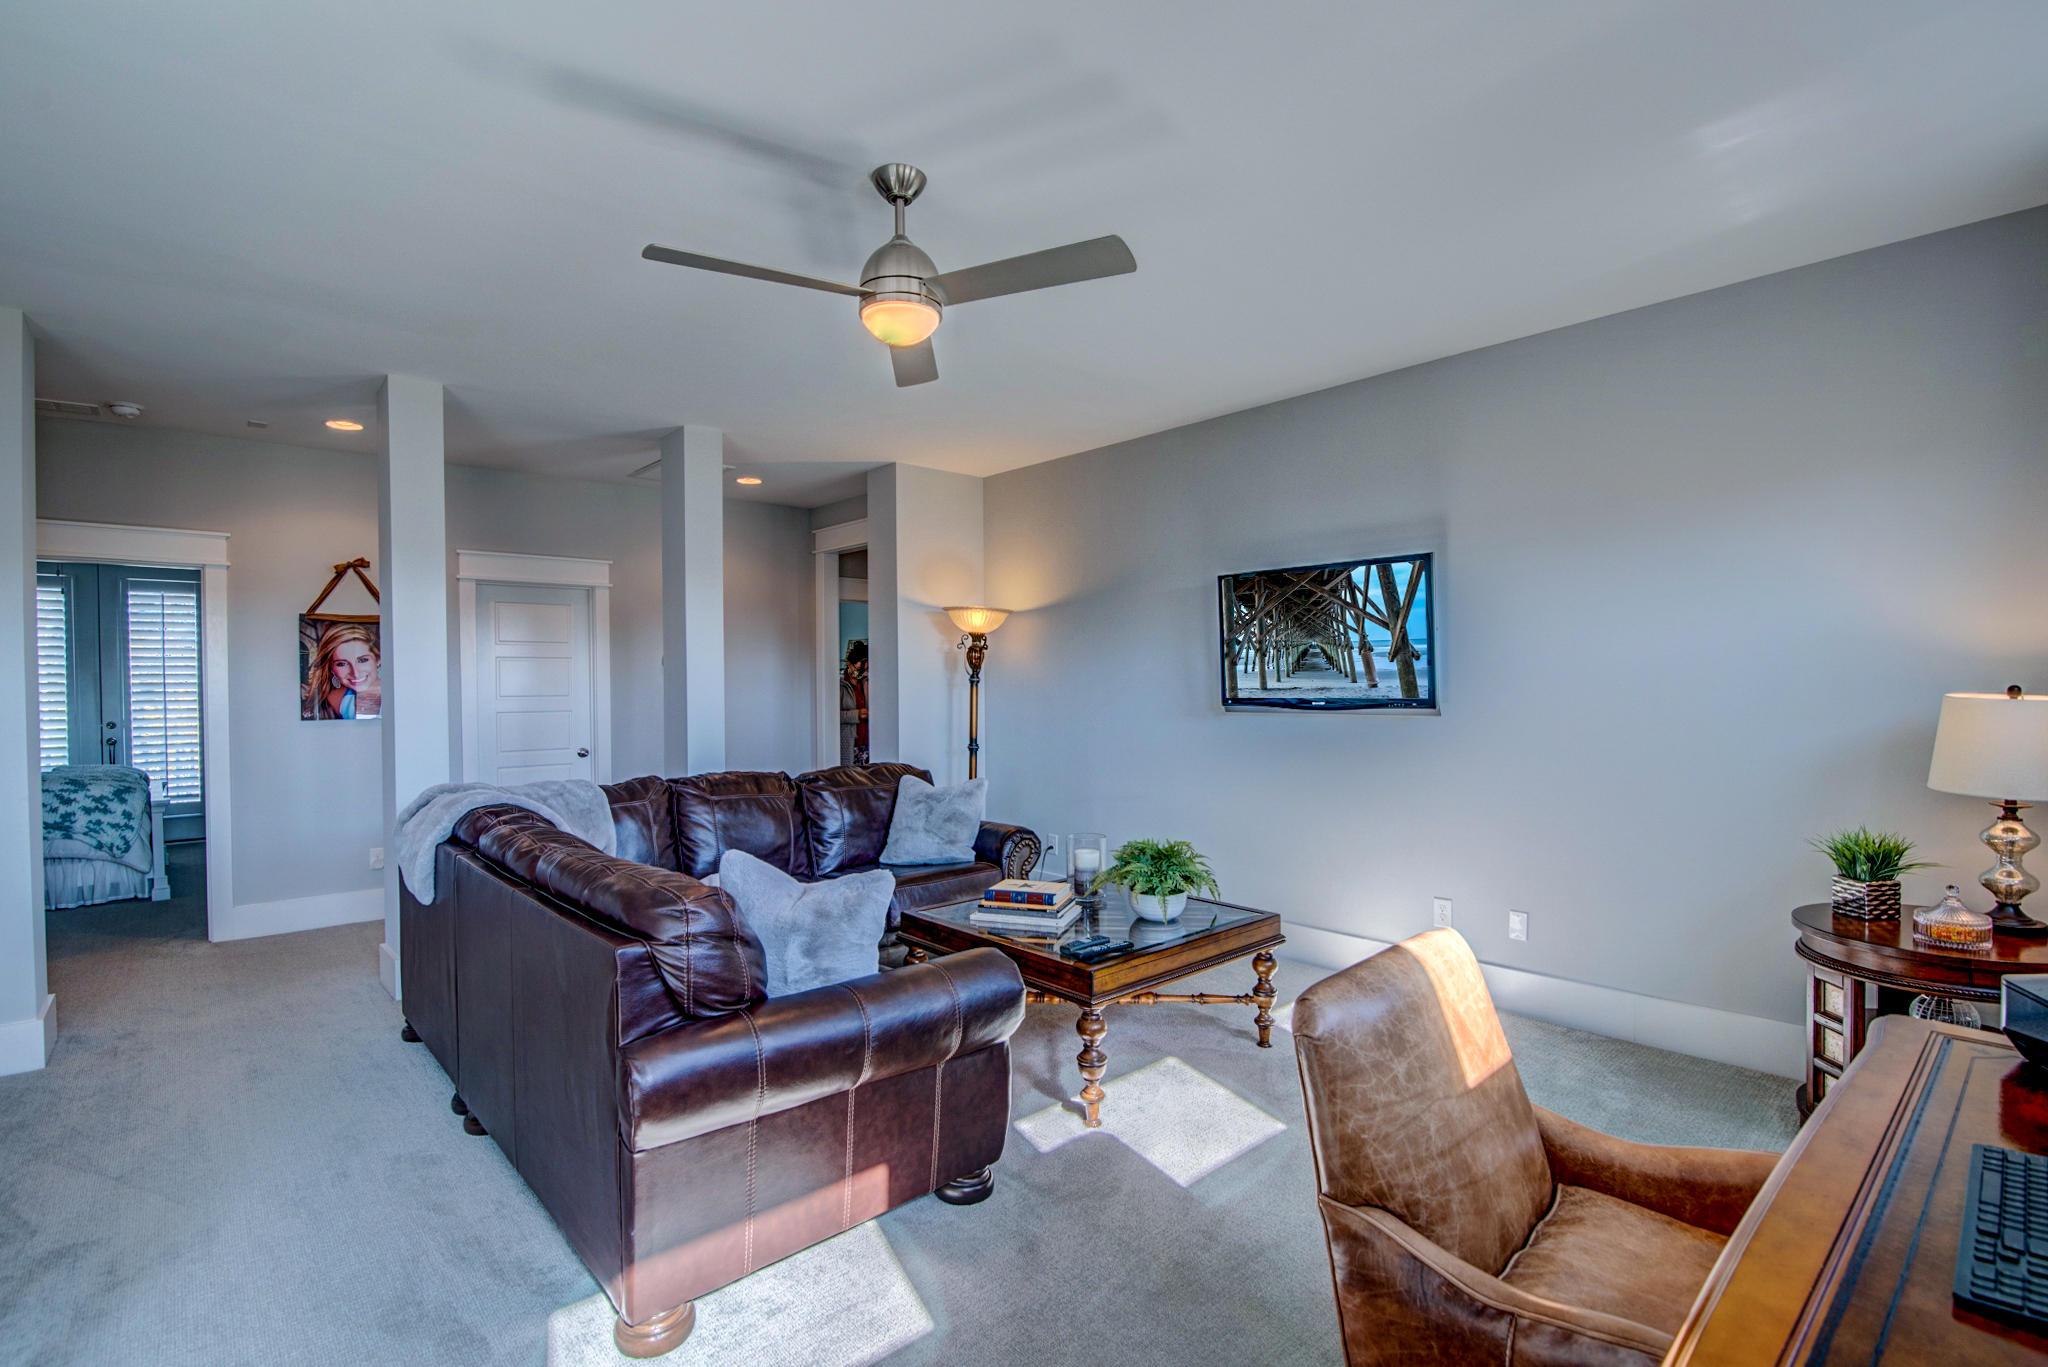 Dunes West Homes For Sale - 2883 River Vista, Mount Pleasant, SC - 6